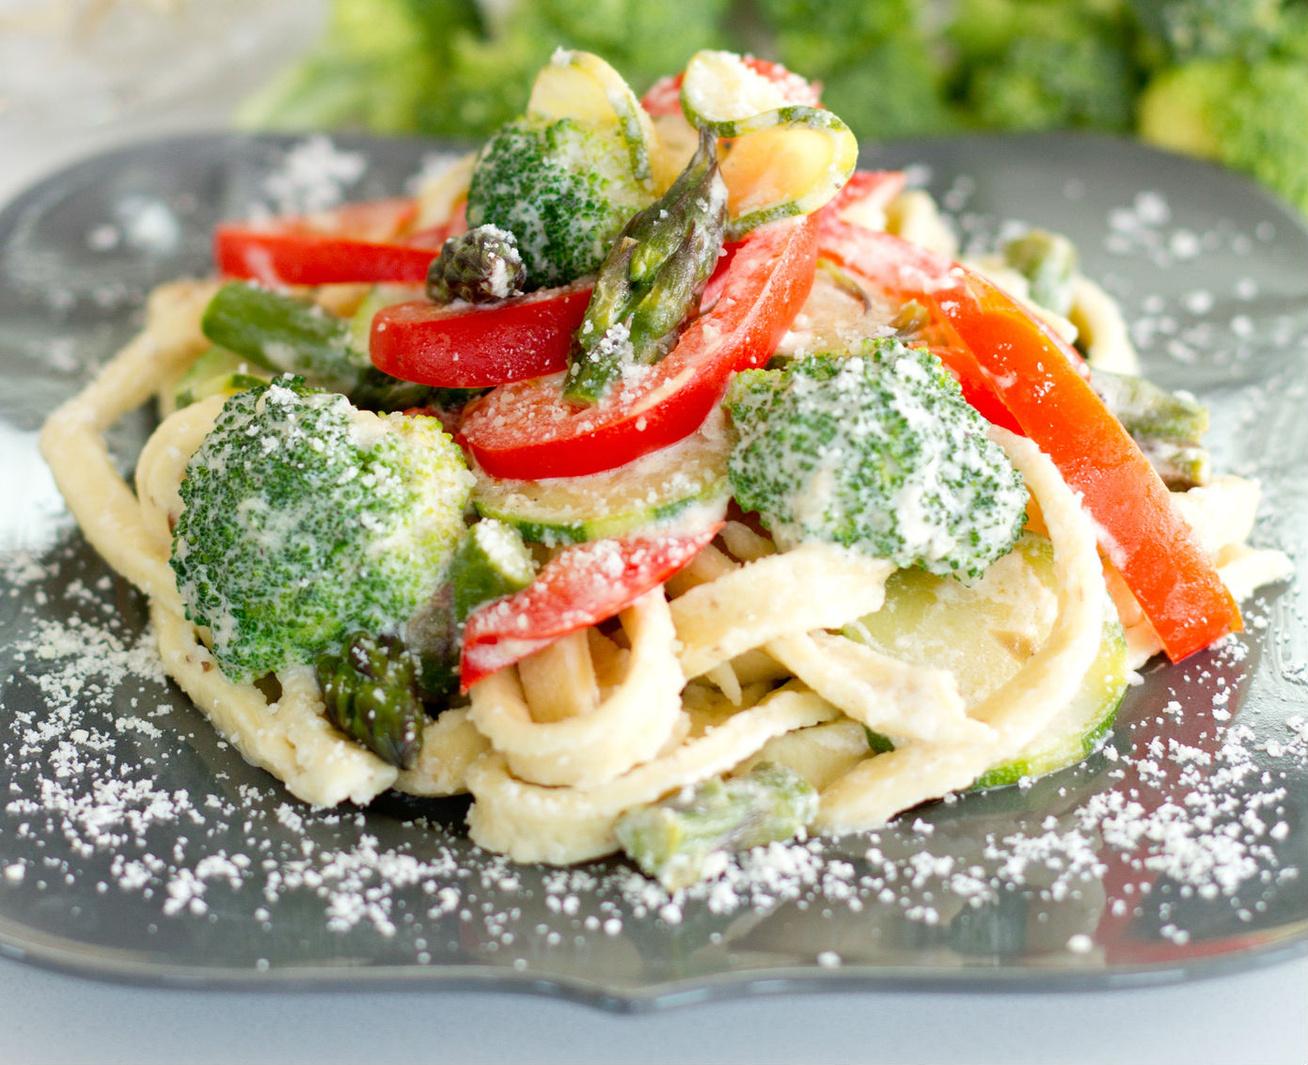 Tejszínes tészta roppanós zöldségekkel: így készül az eredeti pasta primavera